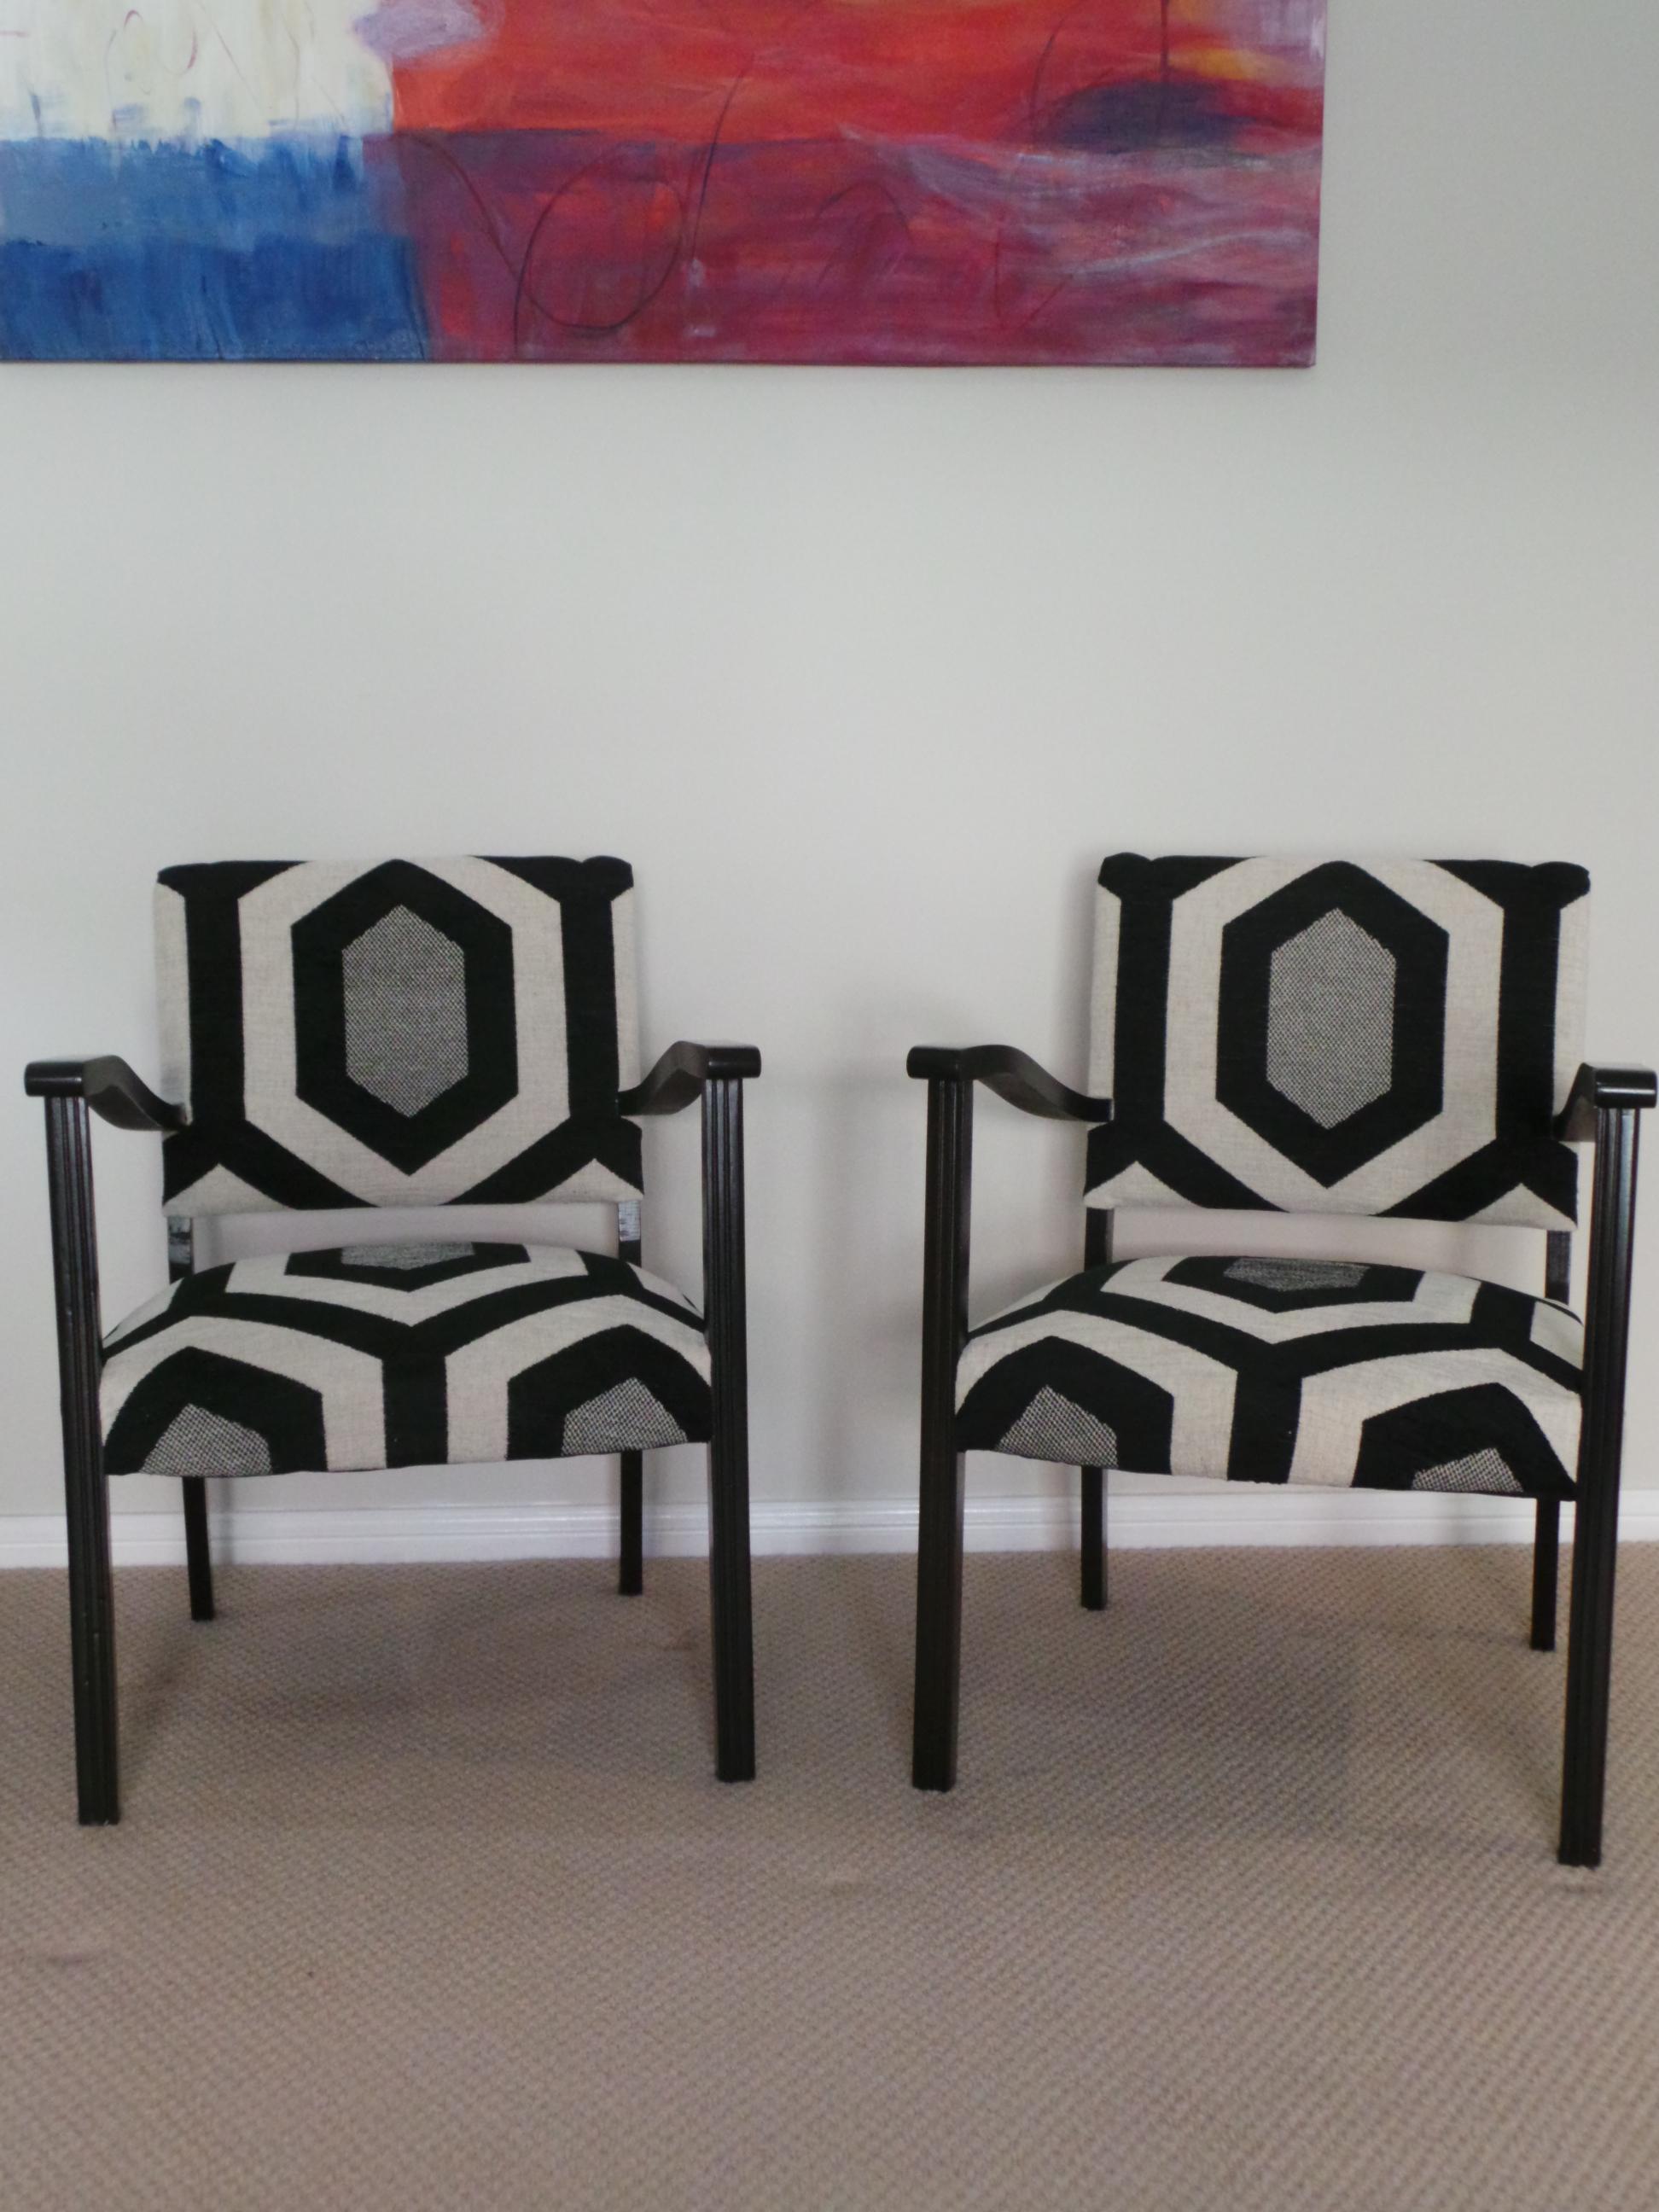 Art deco bridge chairs